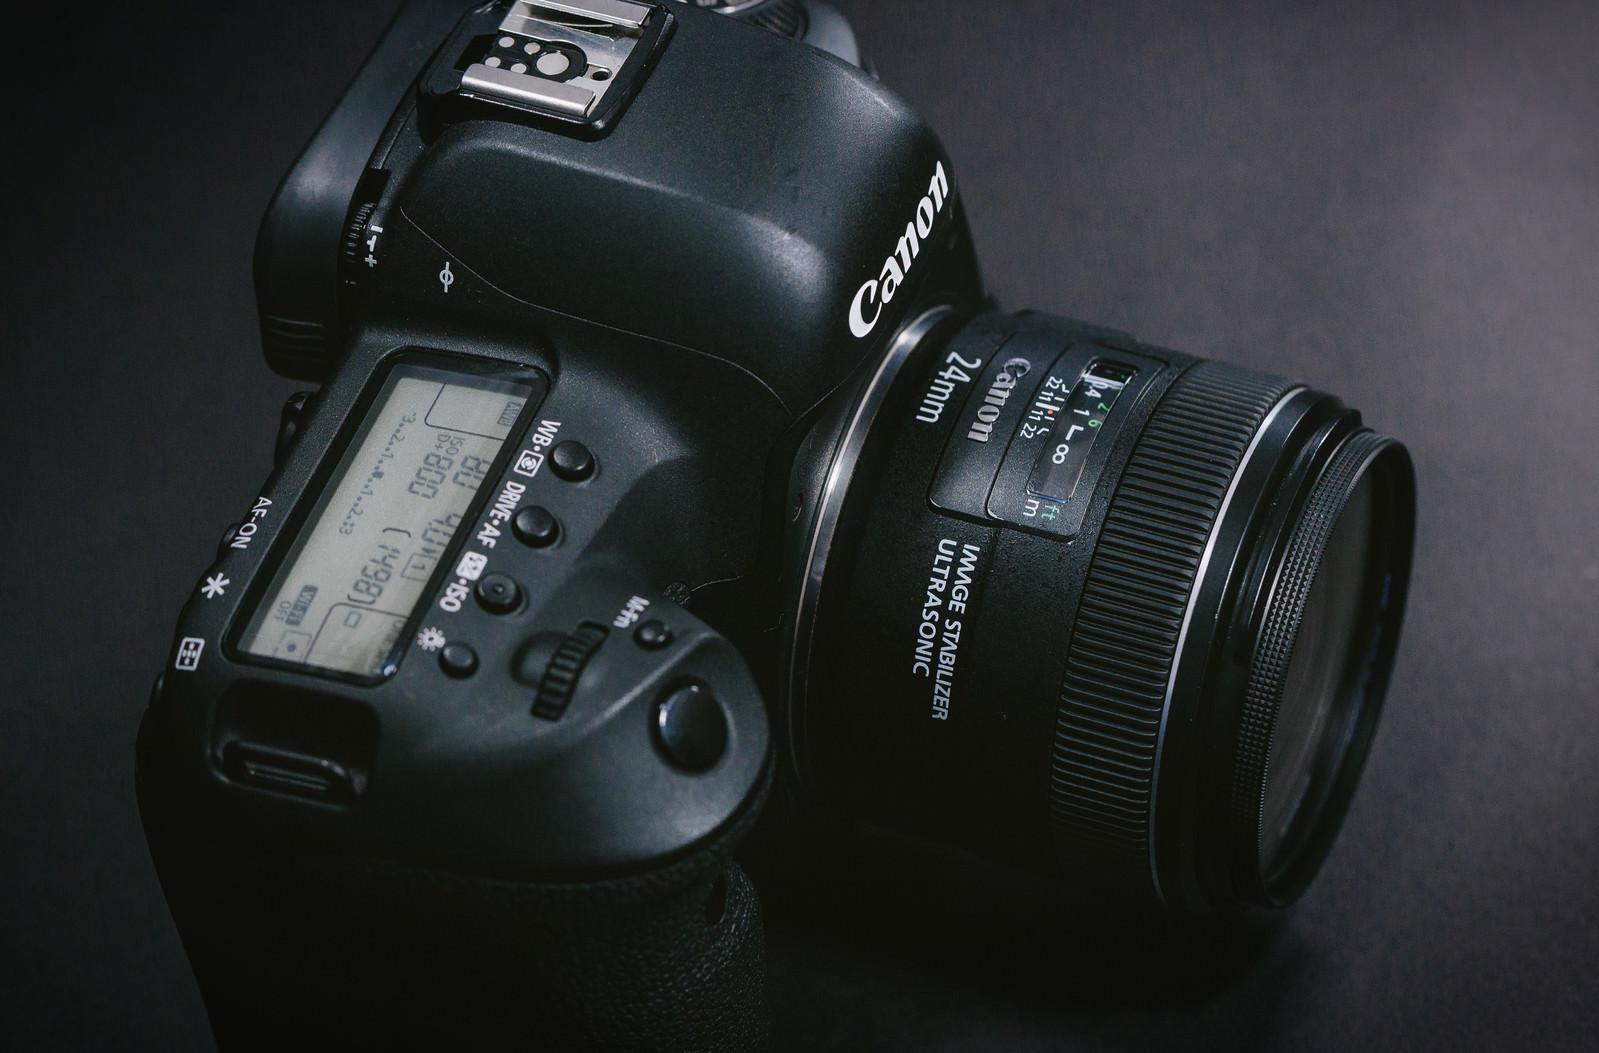 「単焦点レンズを装着したデジタル一眼レフカメラ単焦点レンズを装着したデジタル一眼レフカメラ」のフリー写真素材を拡大